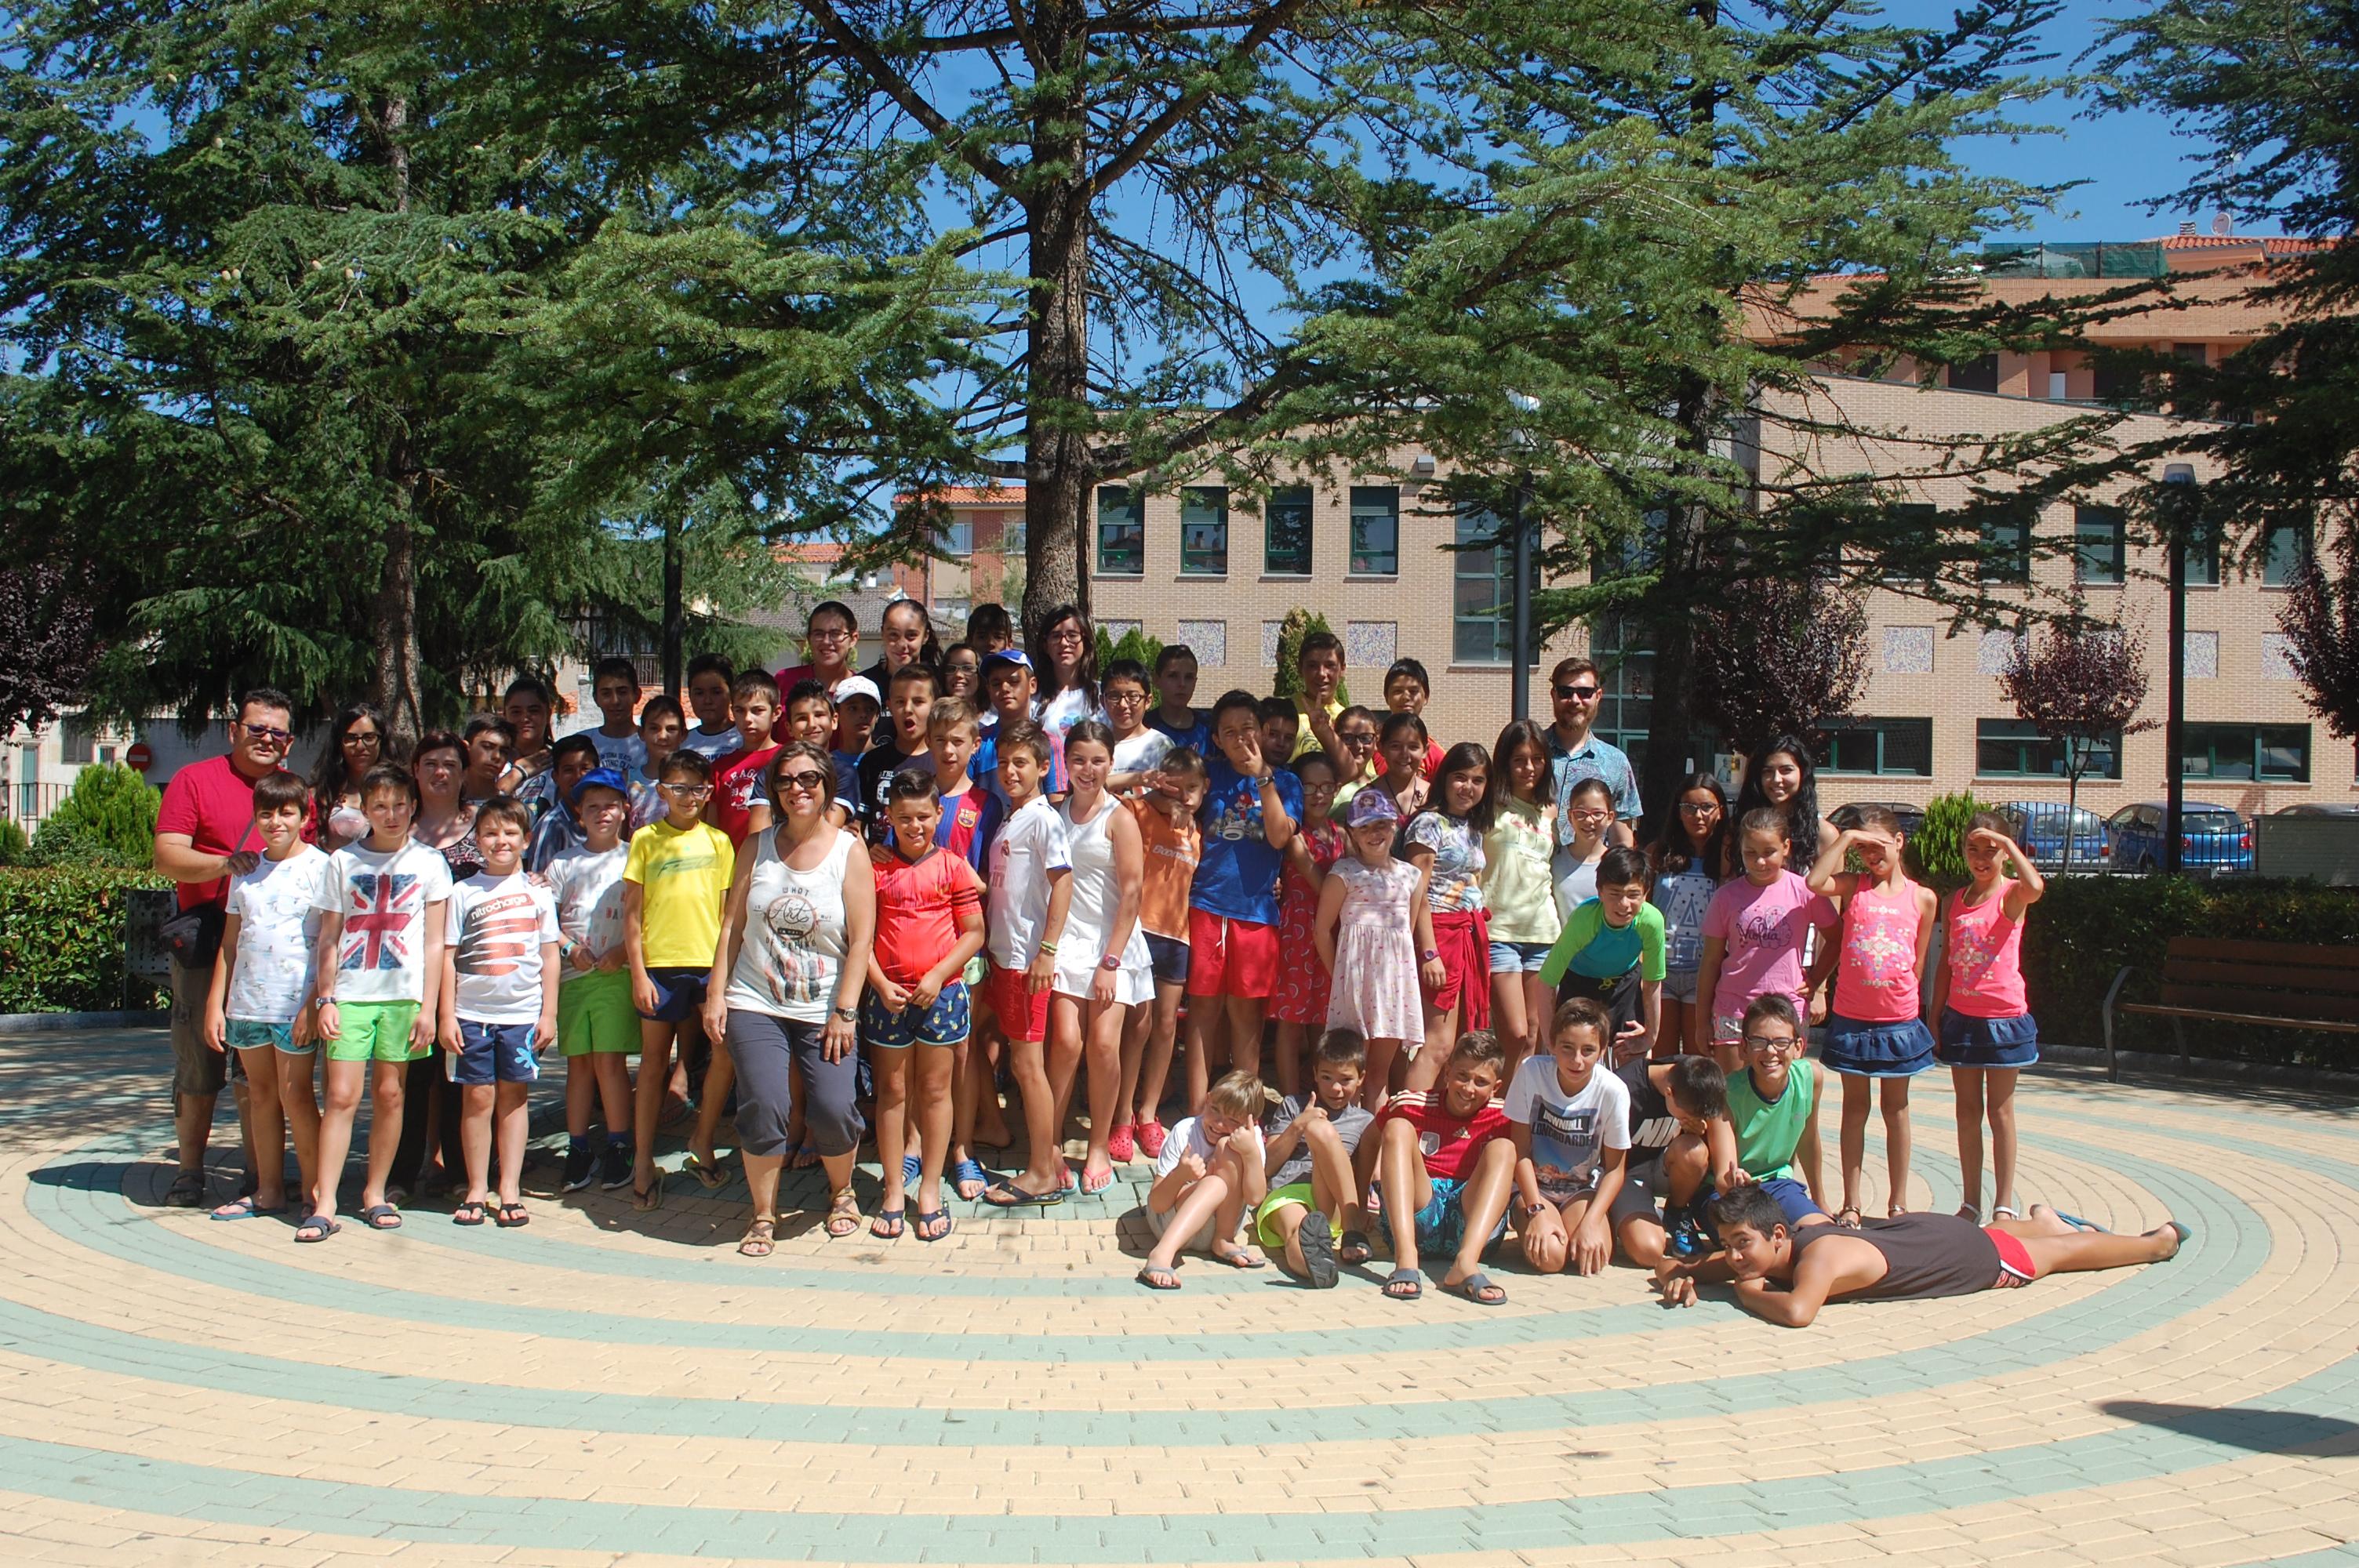 Ciudad de los Niños Verano 2017